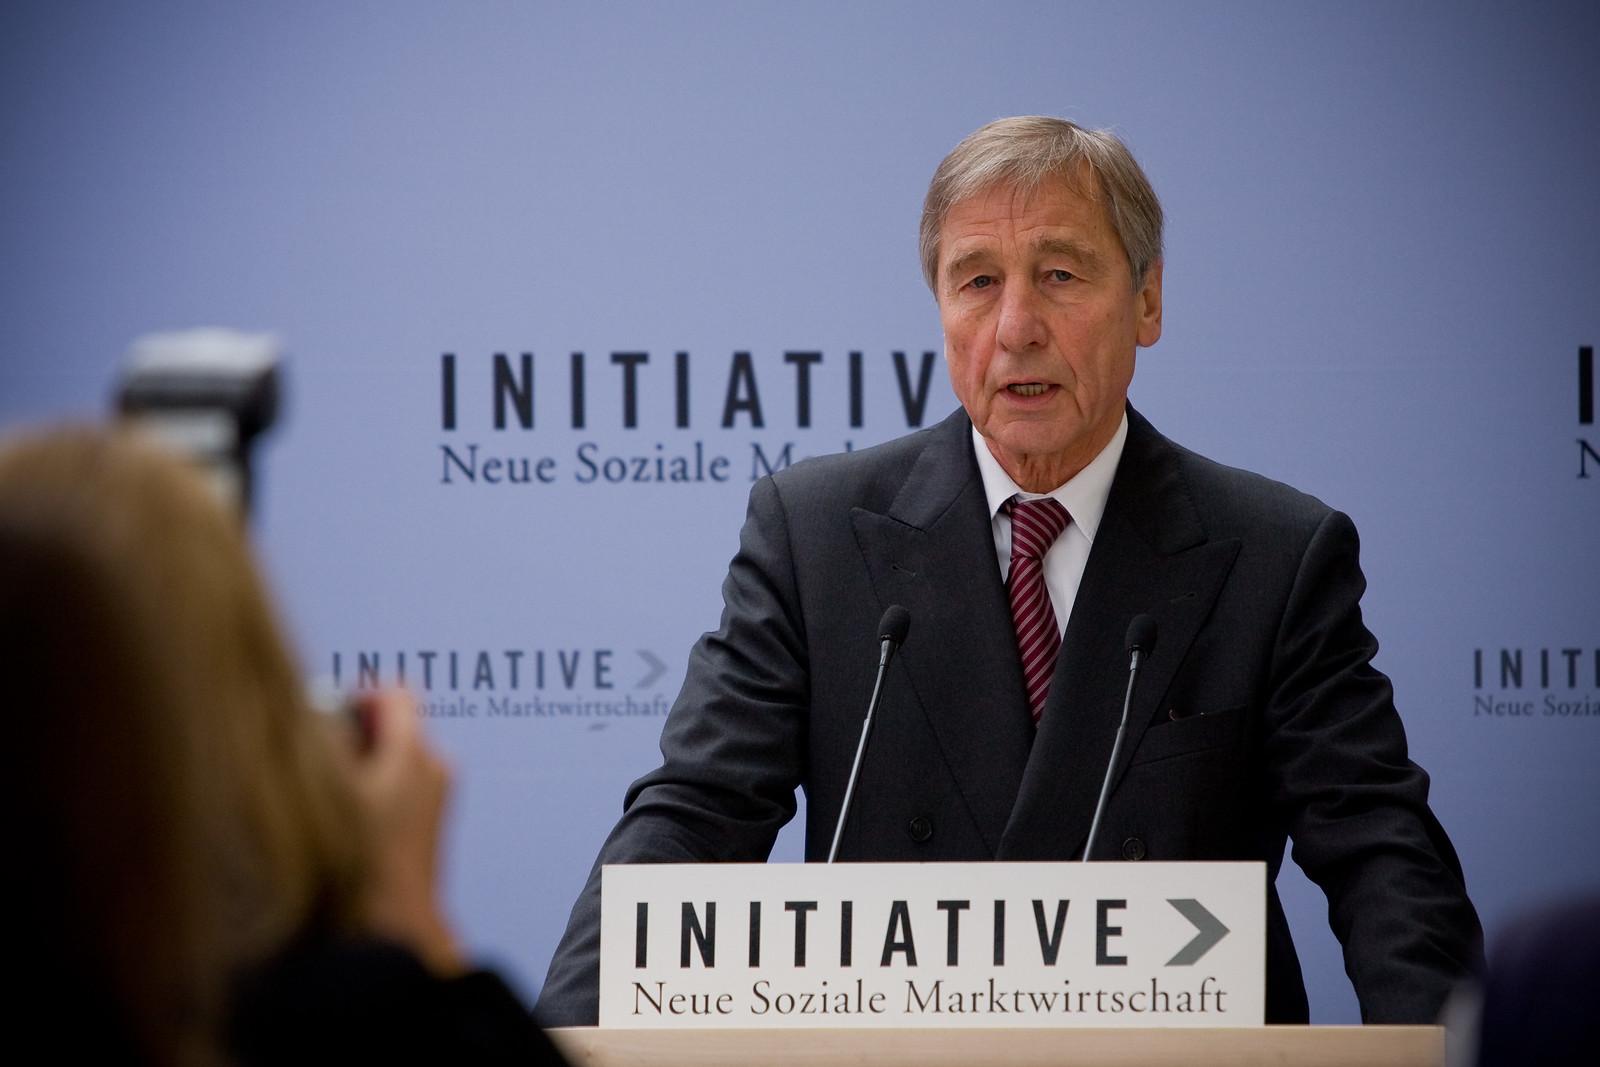 Wolfgang Clement bol od roku 2002 do roku 2005 spolkovým ministrom hospodárstva a práce.